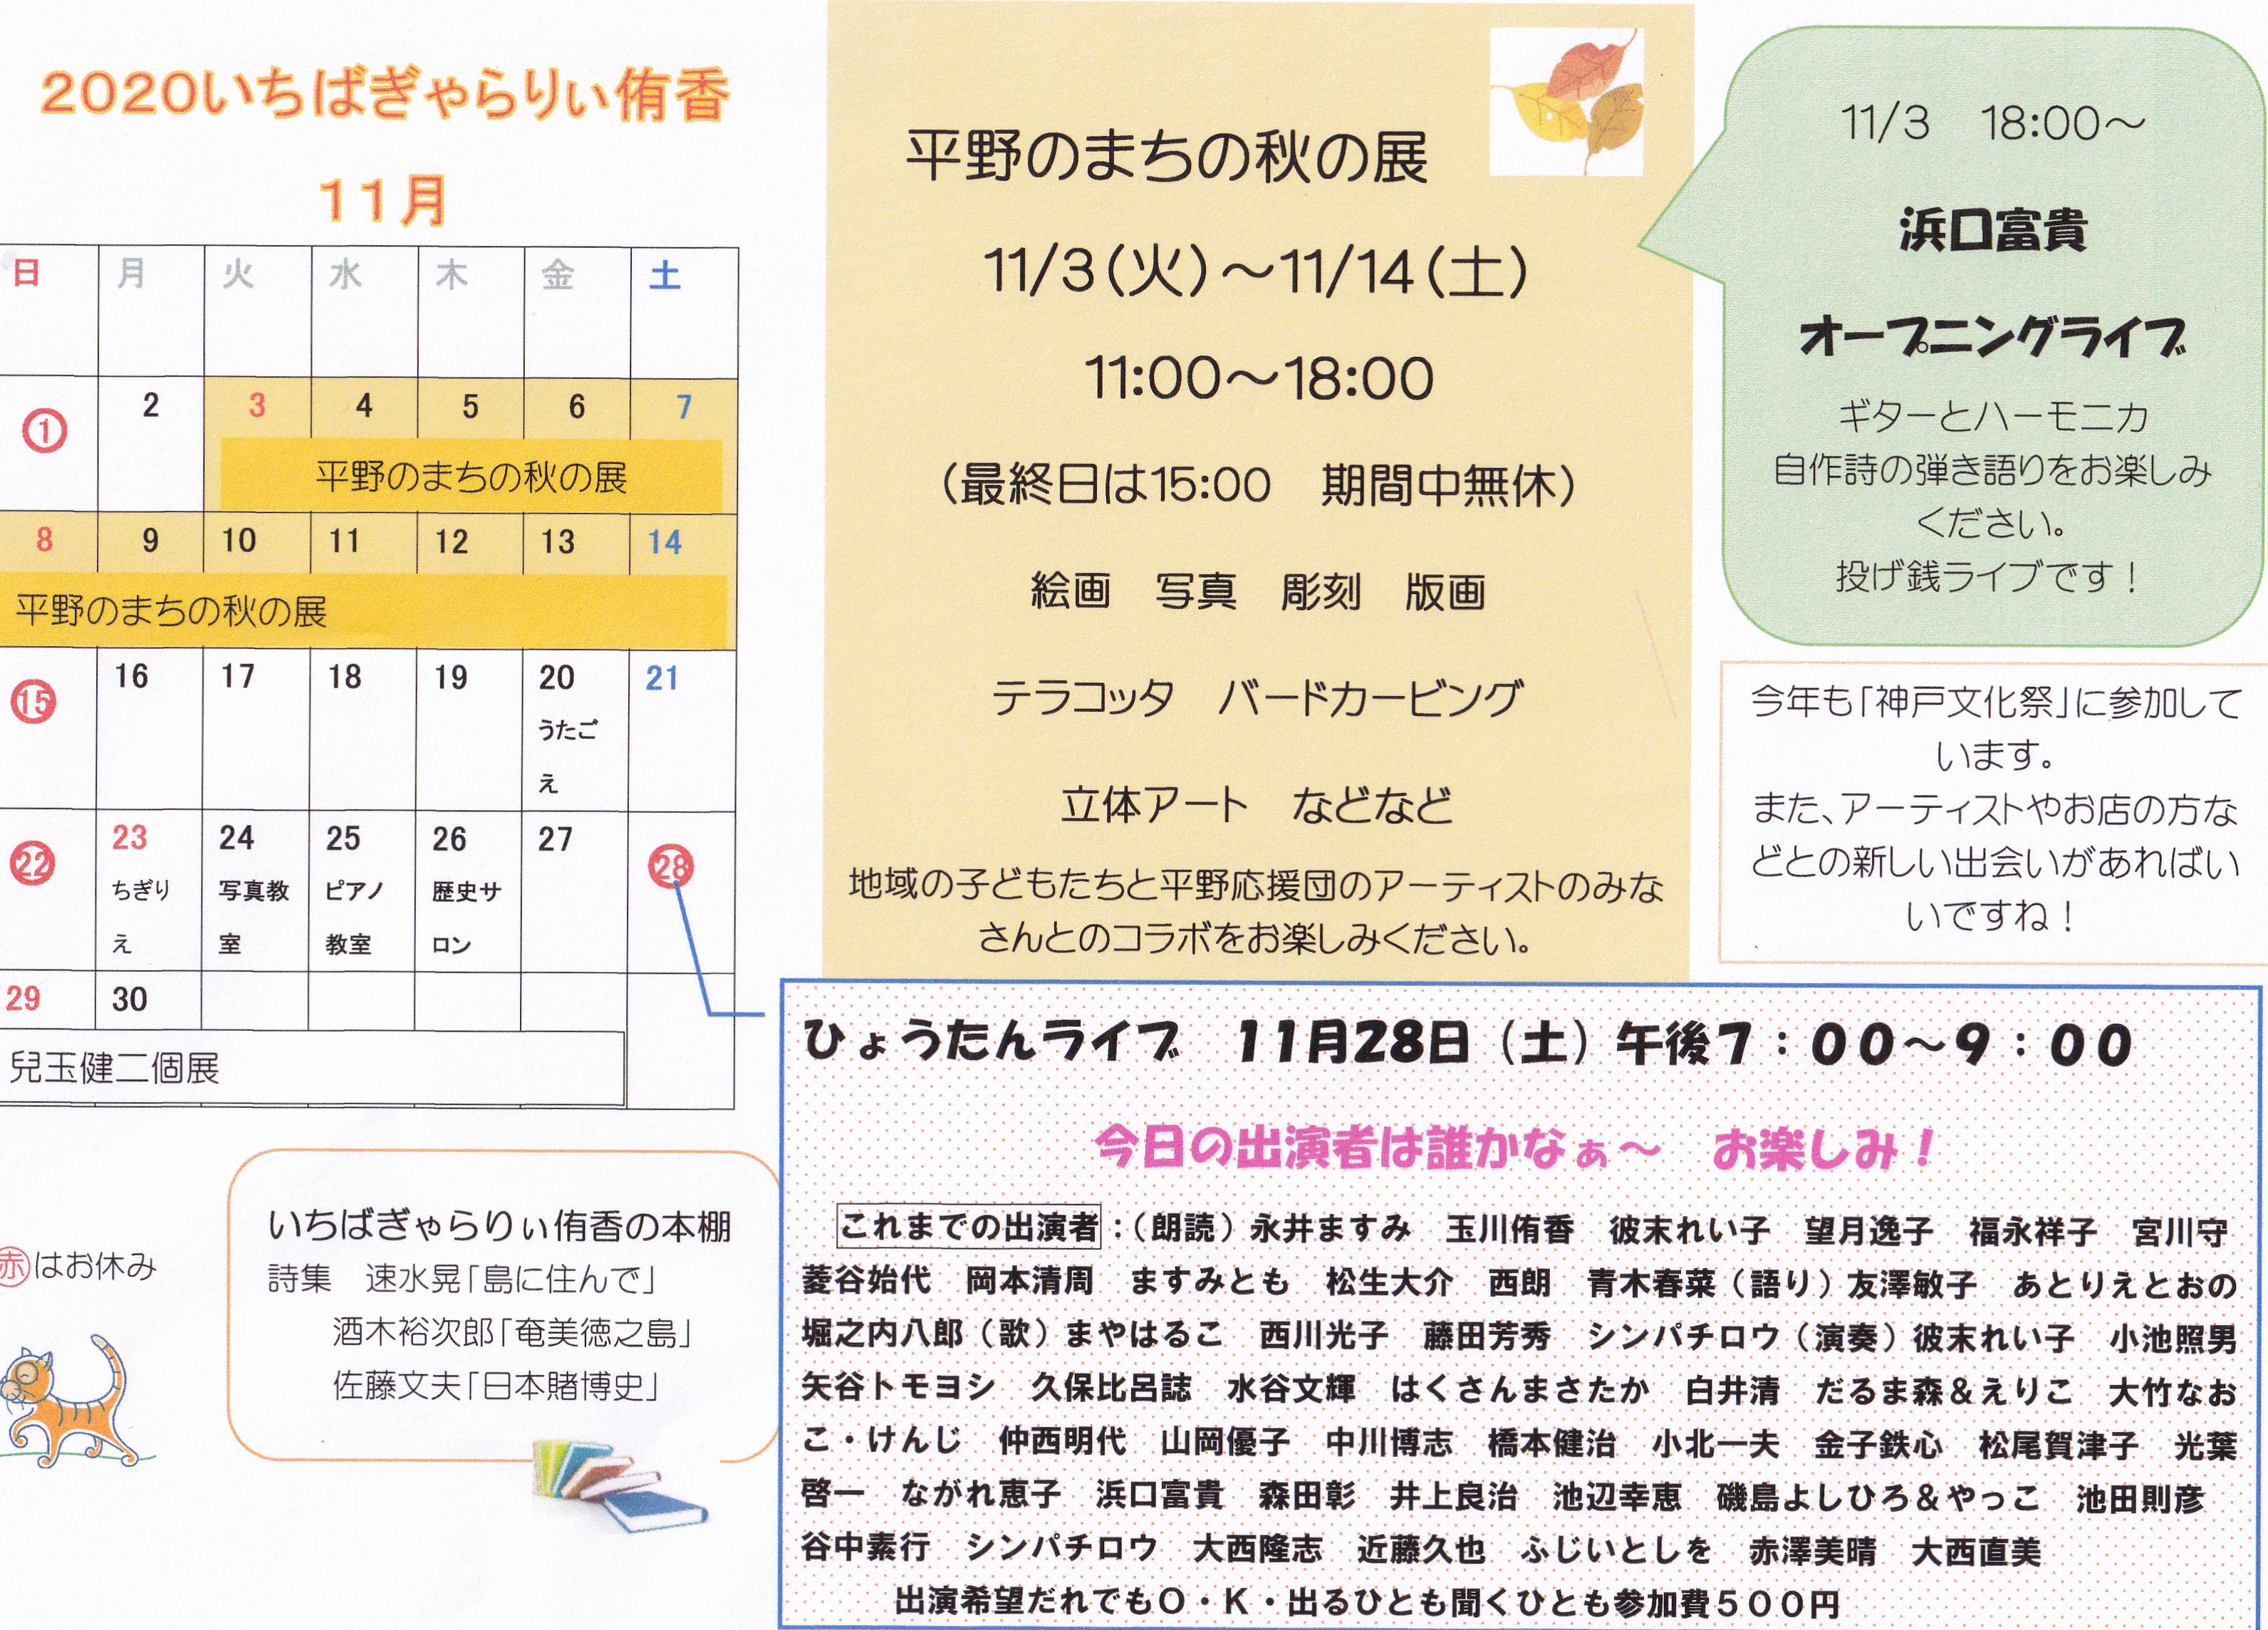 9月の予定行事1